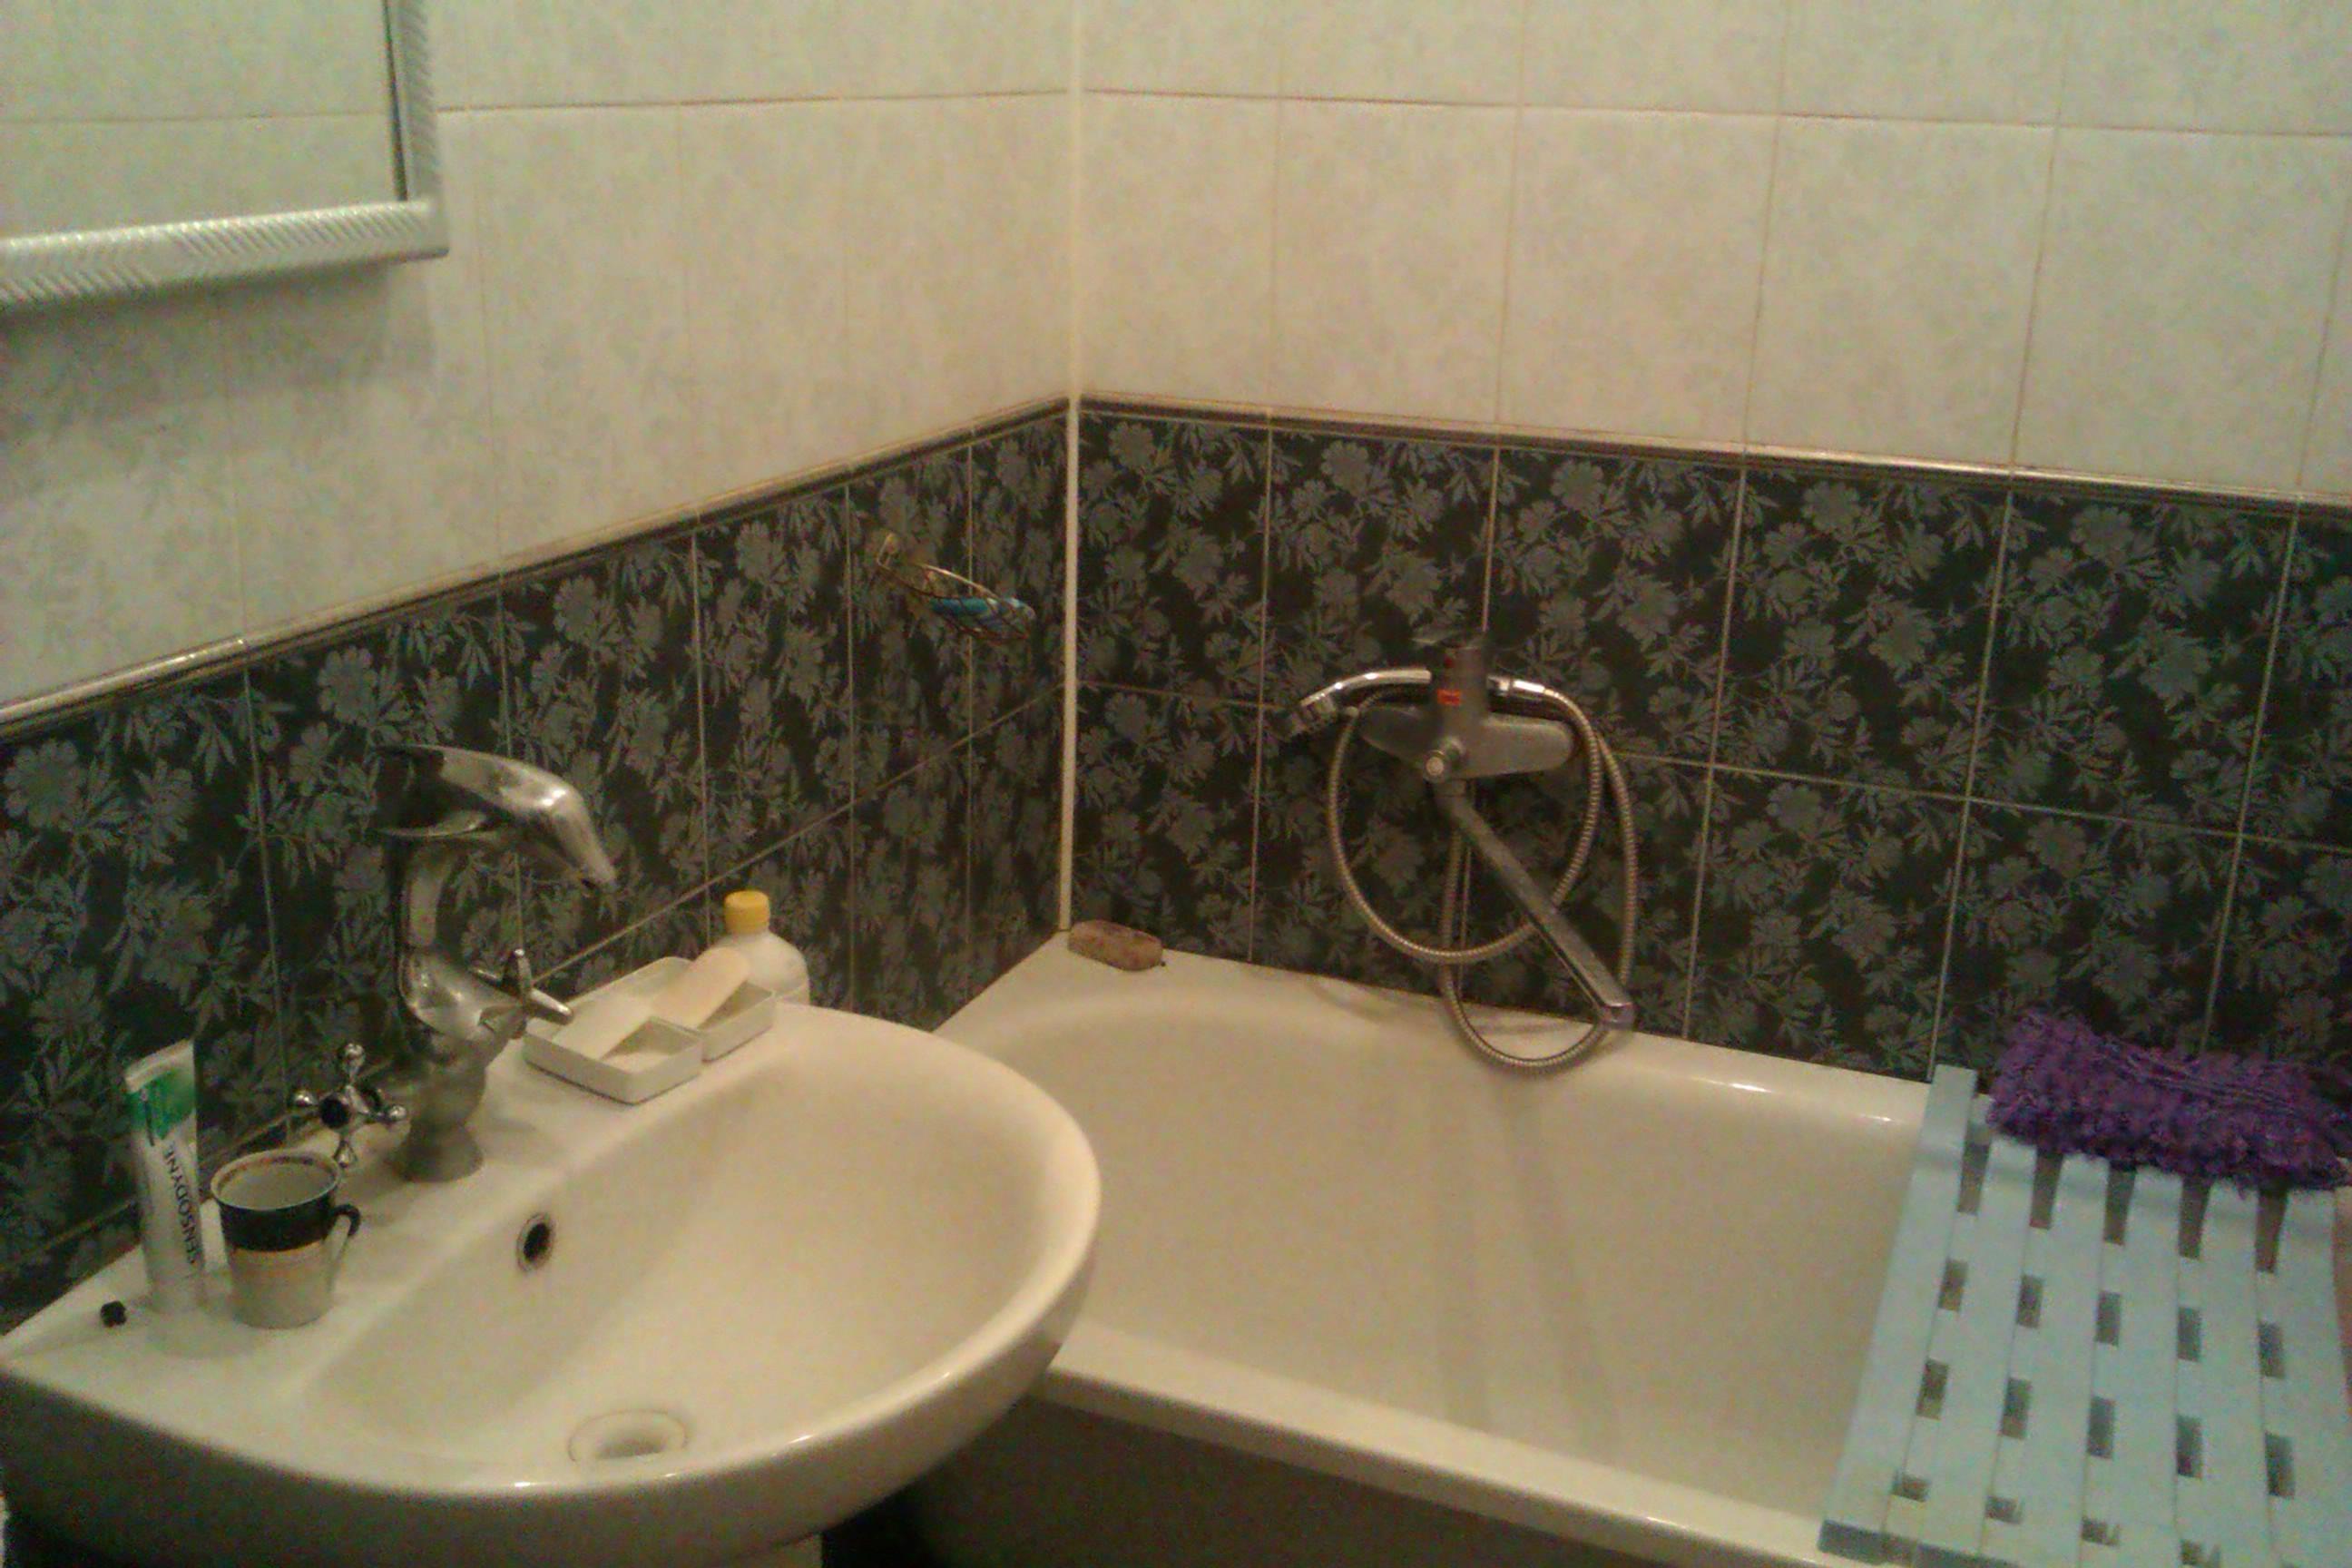 Продам срочно 3х комнатную квартиру в Лысковском районе на берегу Волги со всеми удобствами рядом с Лысковом.